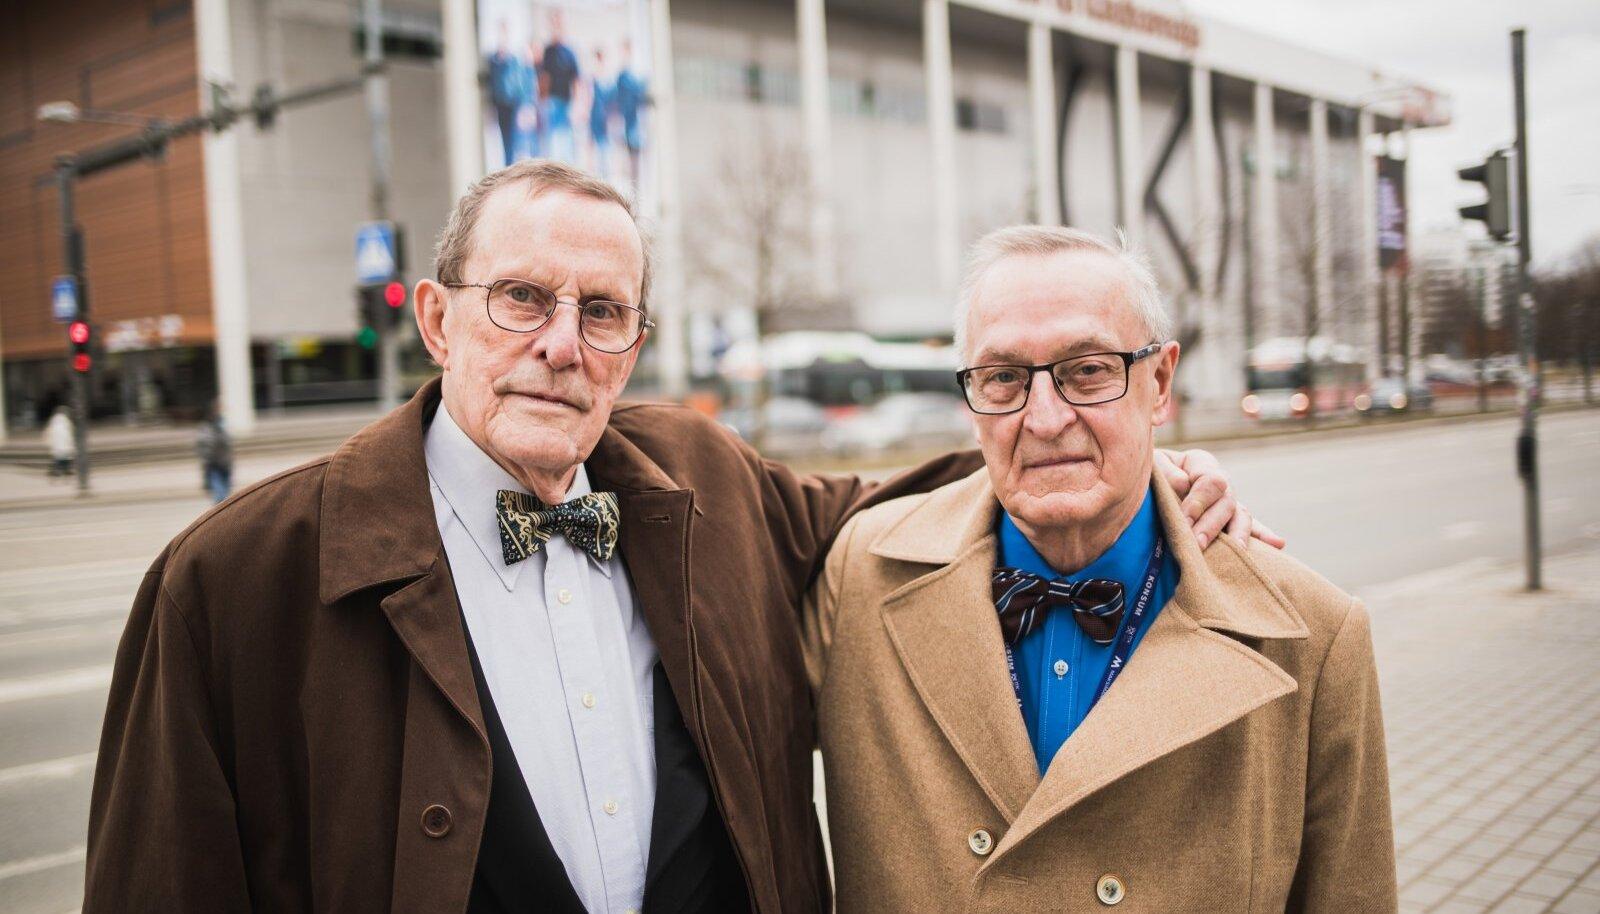 Vello ja Kalev Kalamees – vennad, kes on läbi elu püüdnud olla härrasmehed nii hingelt kui riietuselt.